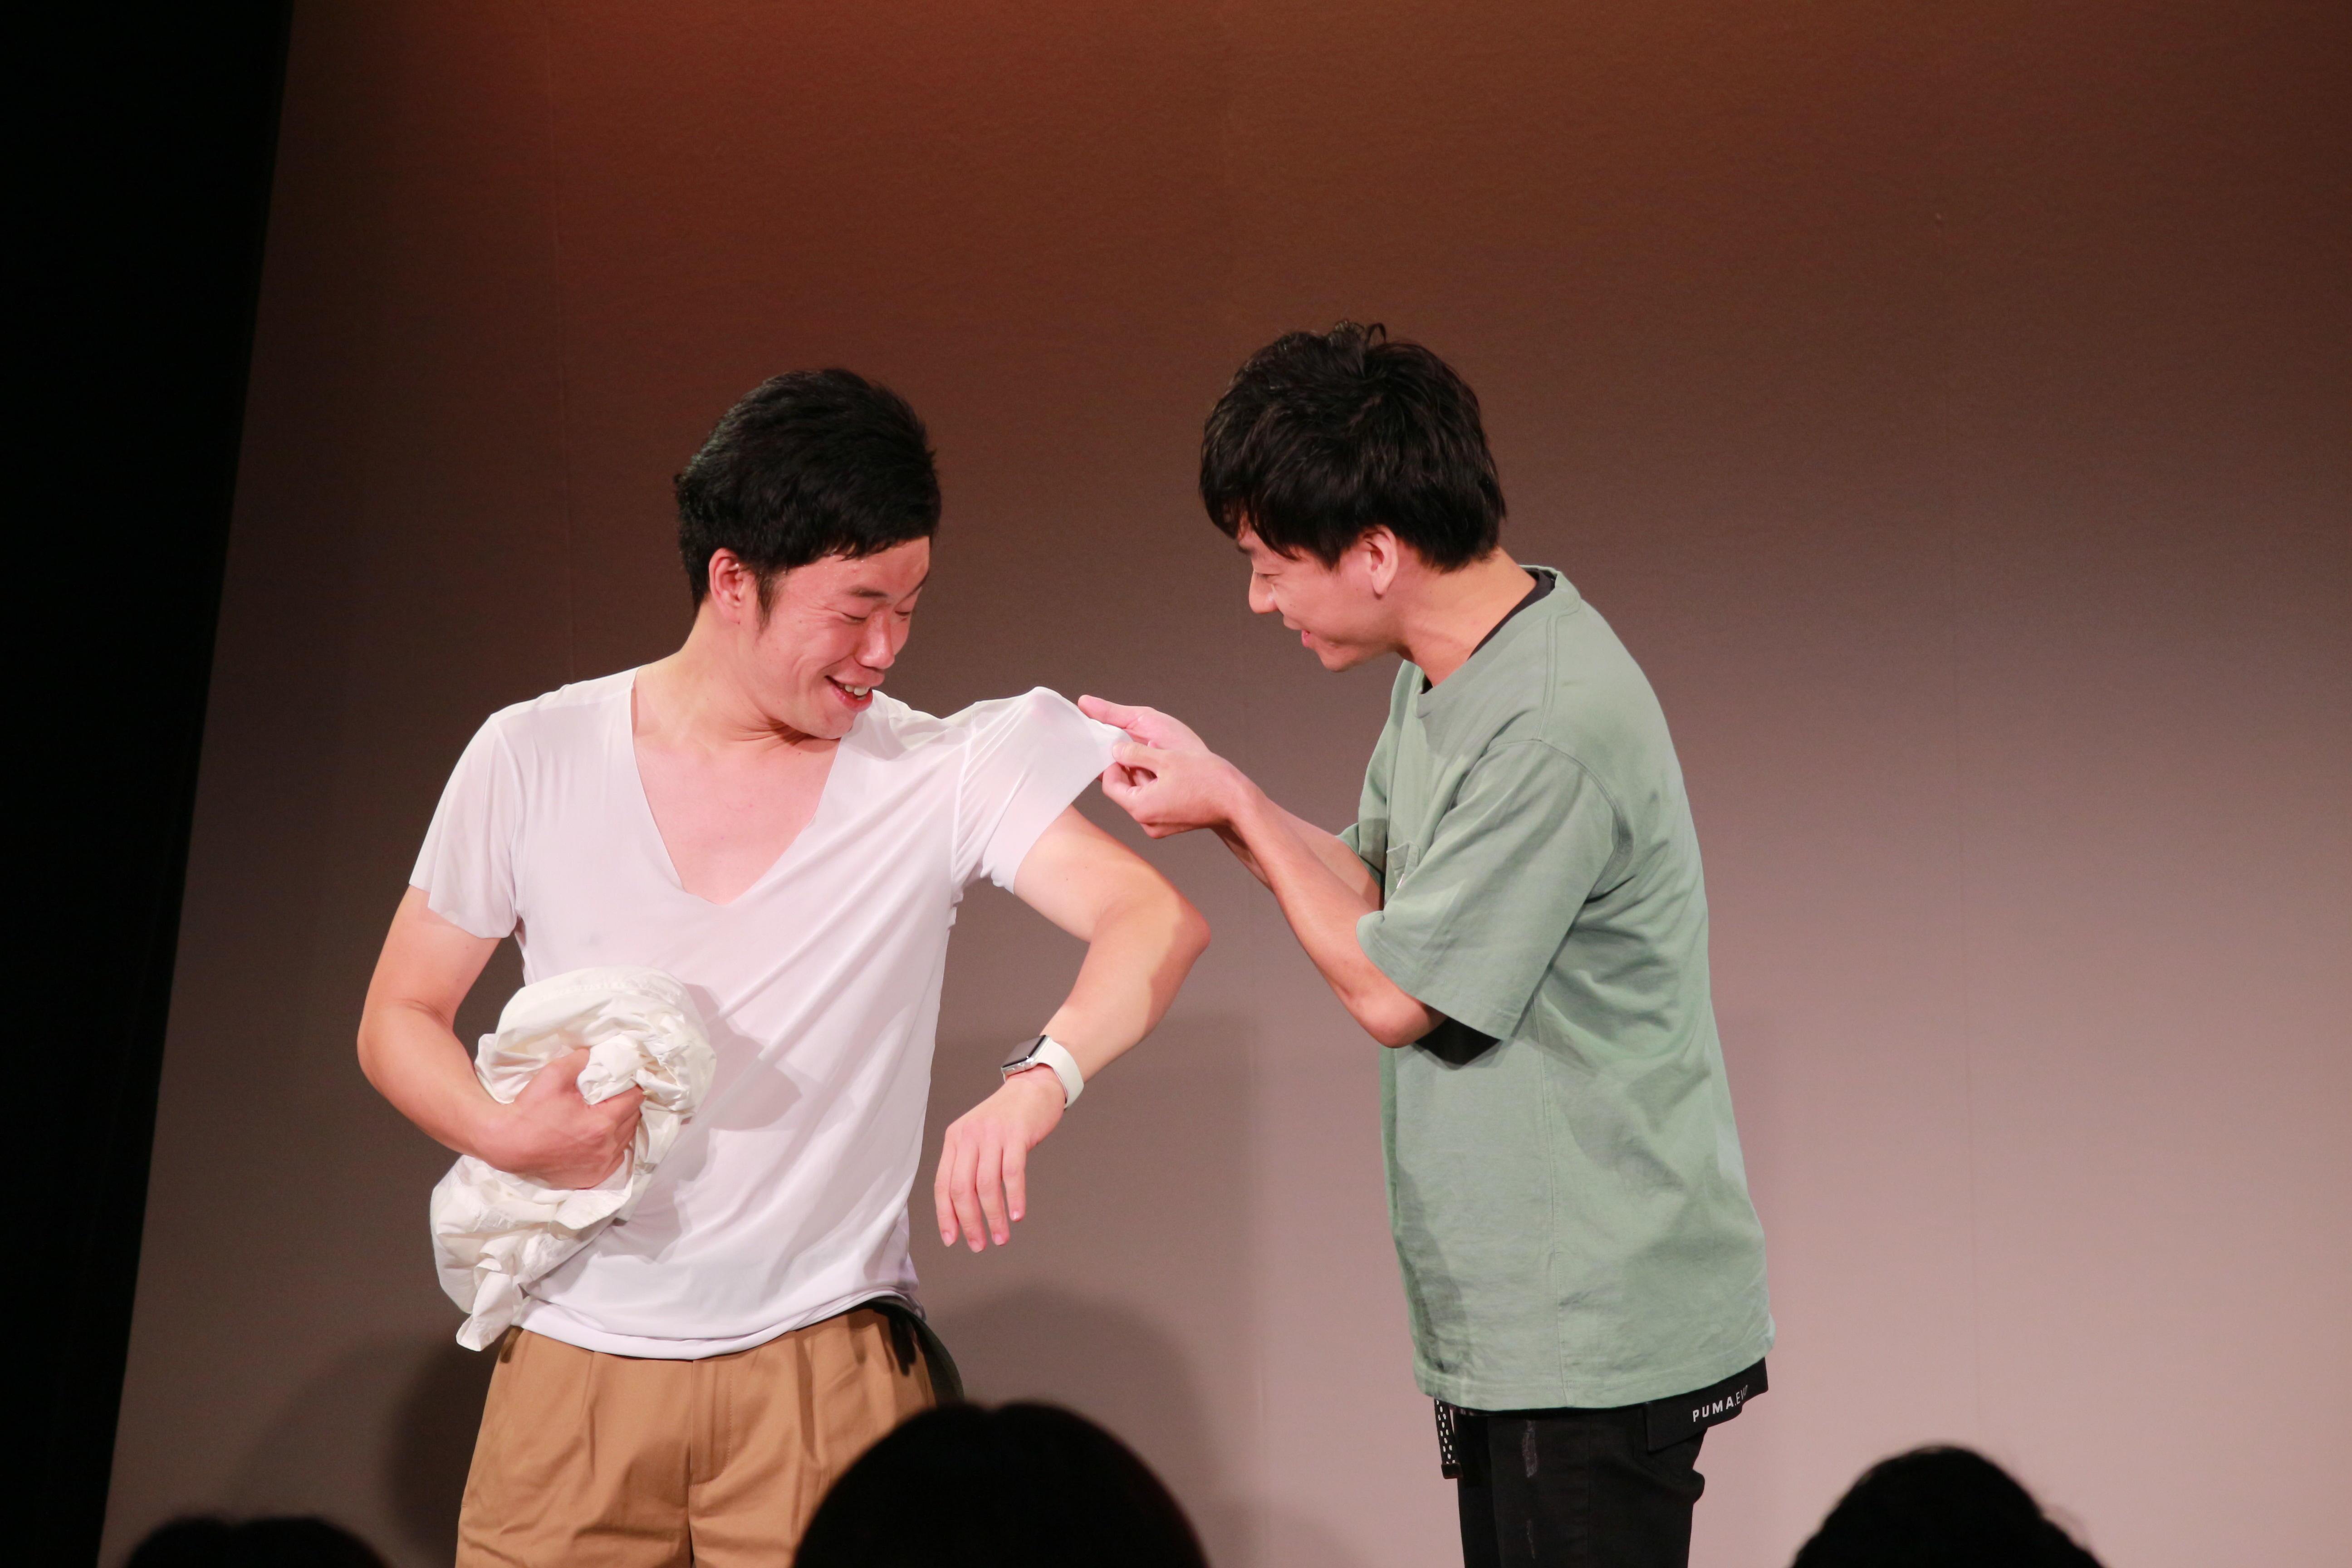 http://news.yoshimoto.co.jp/20180804231543-9ab8344dc6205827409ccd562230c9151d5f827f.jpg